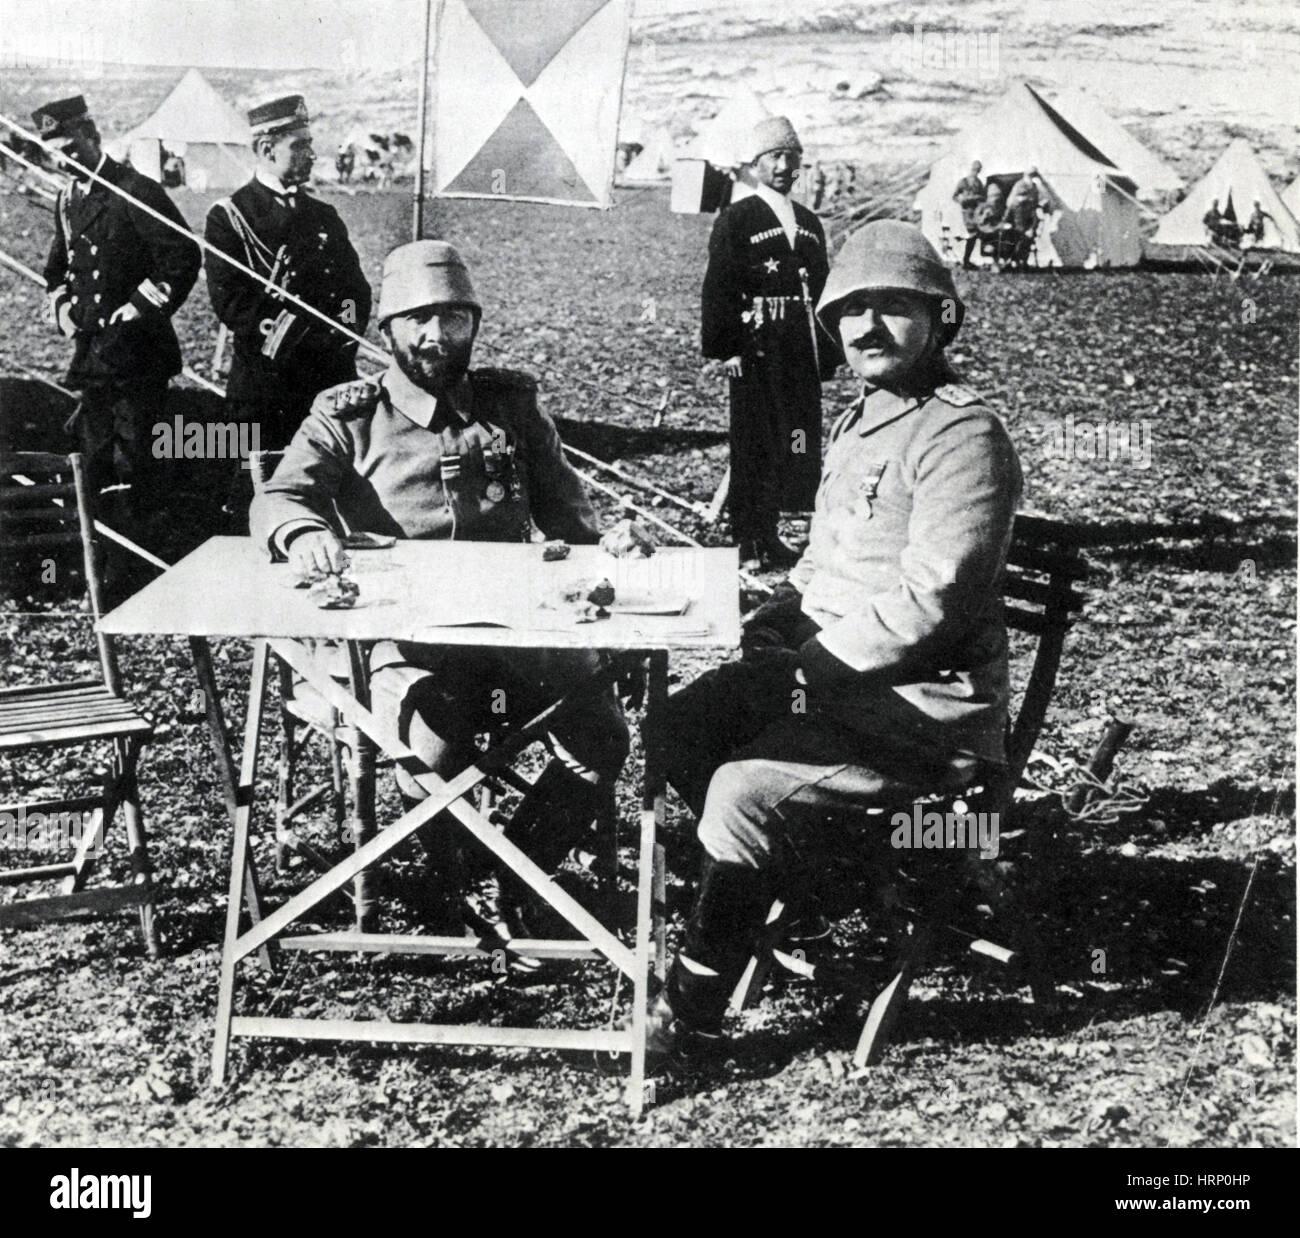 Djemal Pasha, WWI Ottoman Military Leader - Stock Image